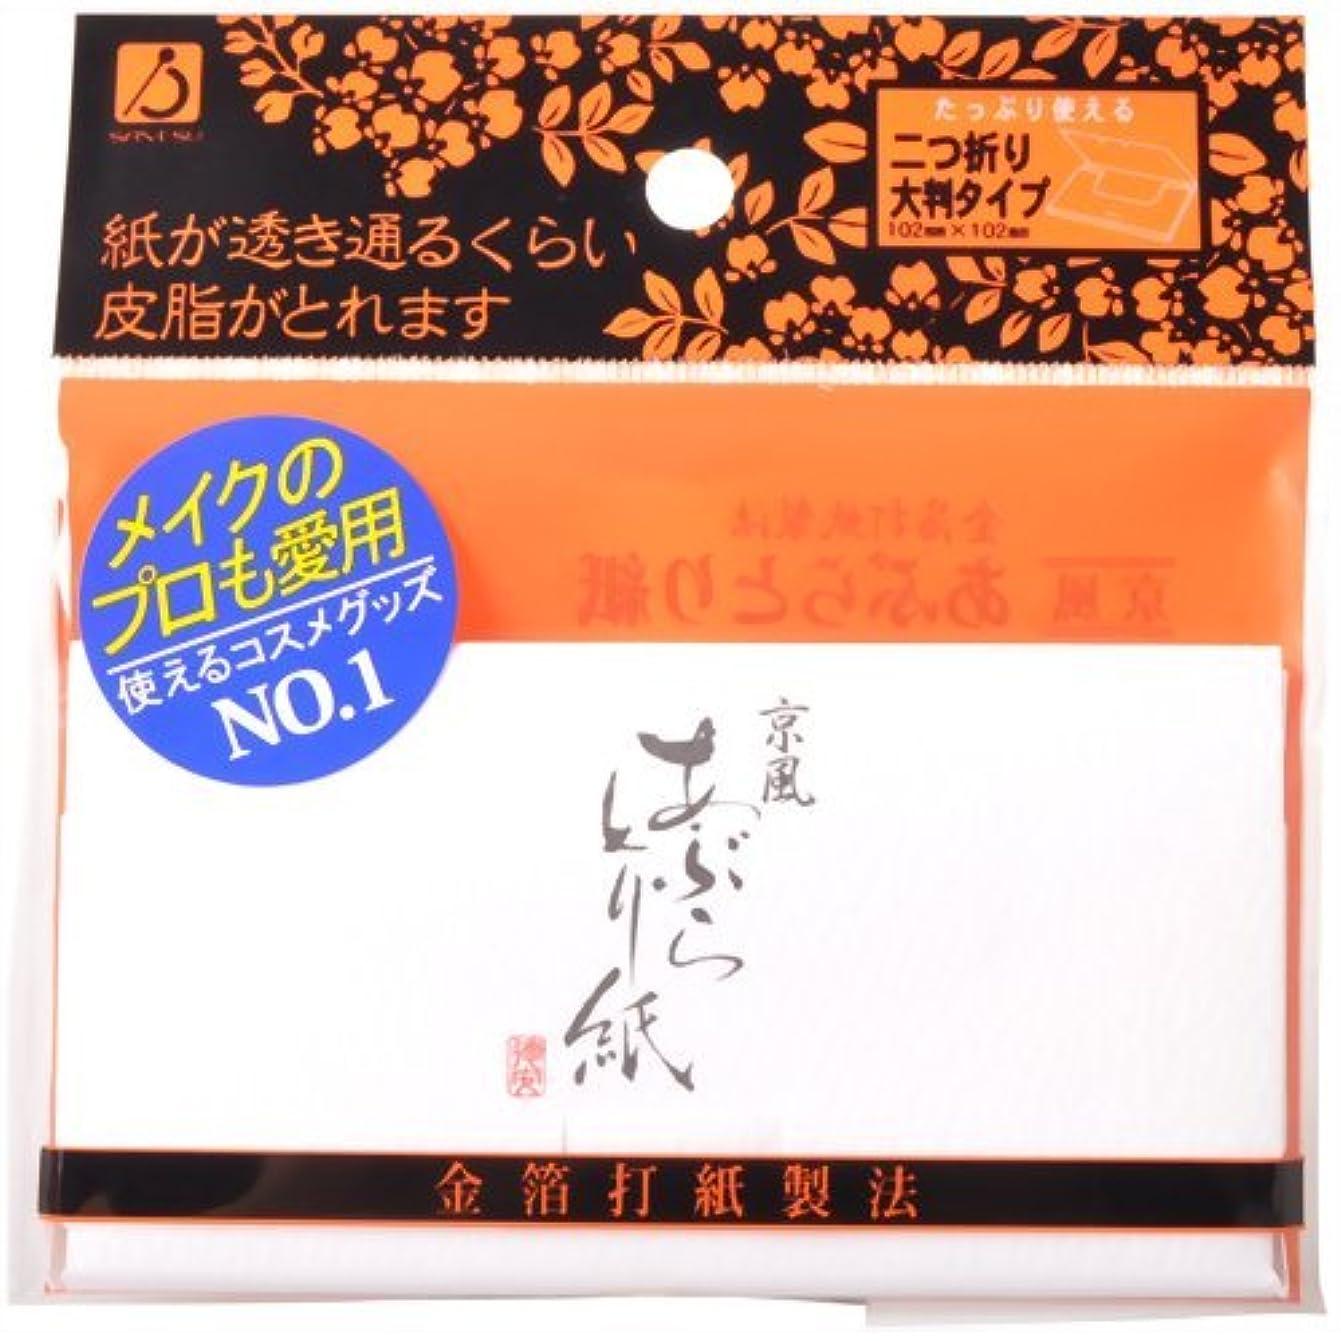 したい温室ウサギFP-400 京風アブラトリガミ 大判 30枚